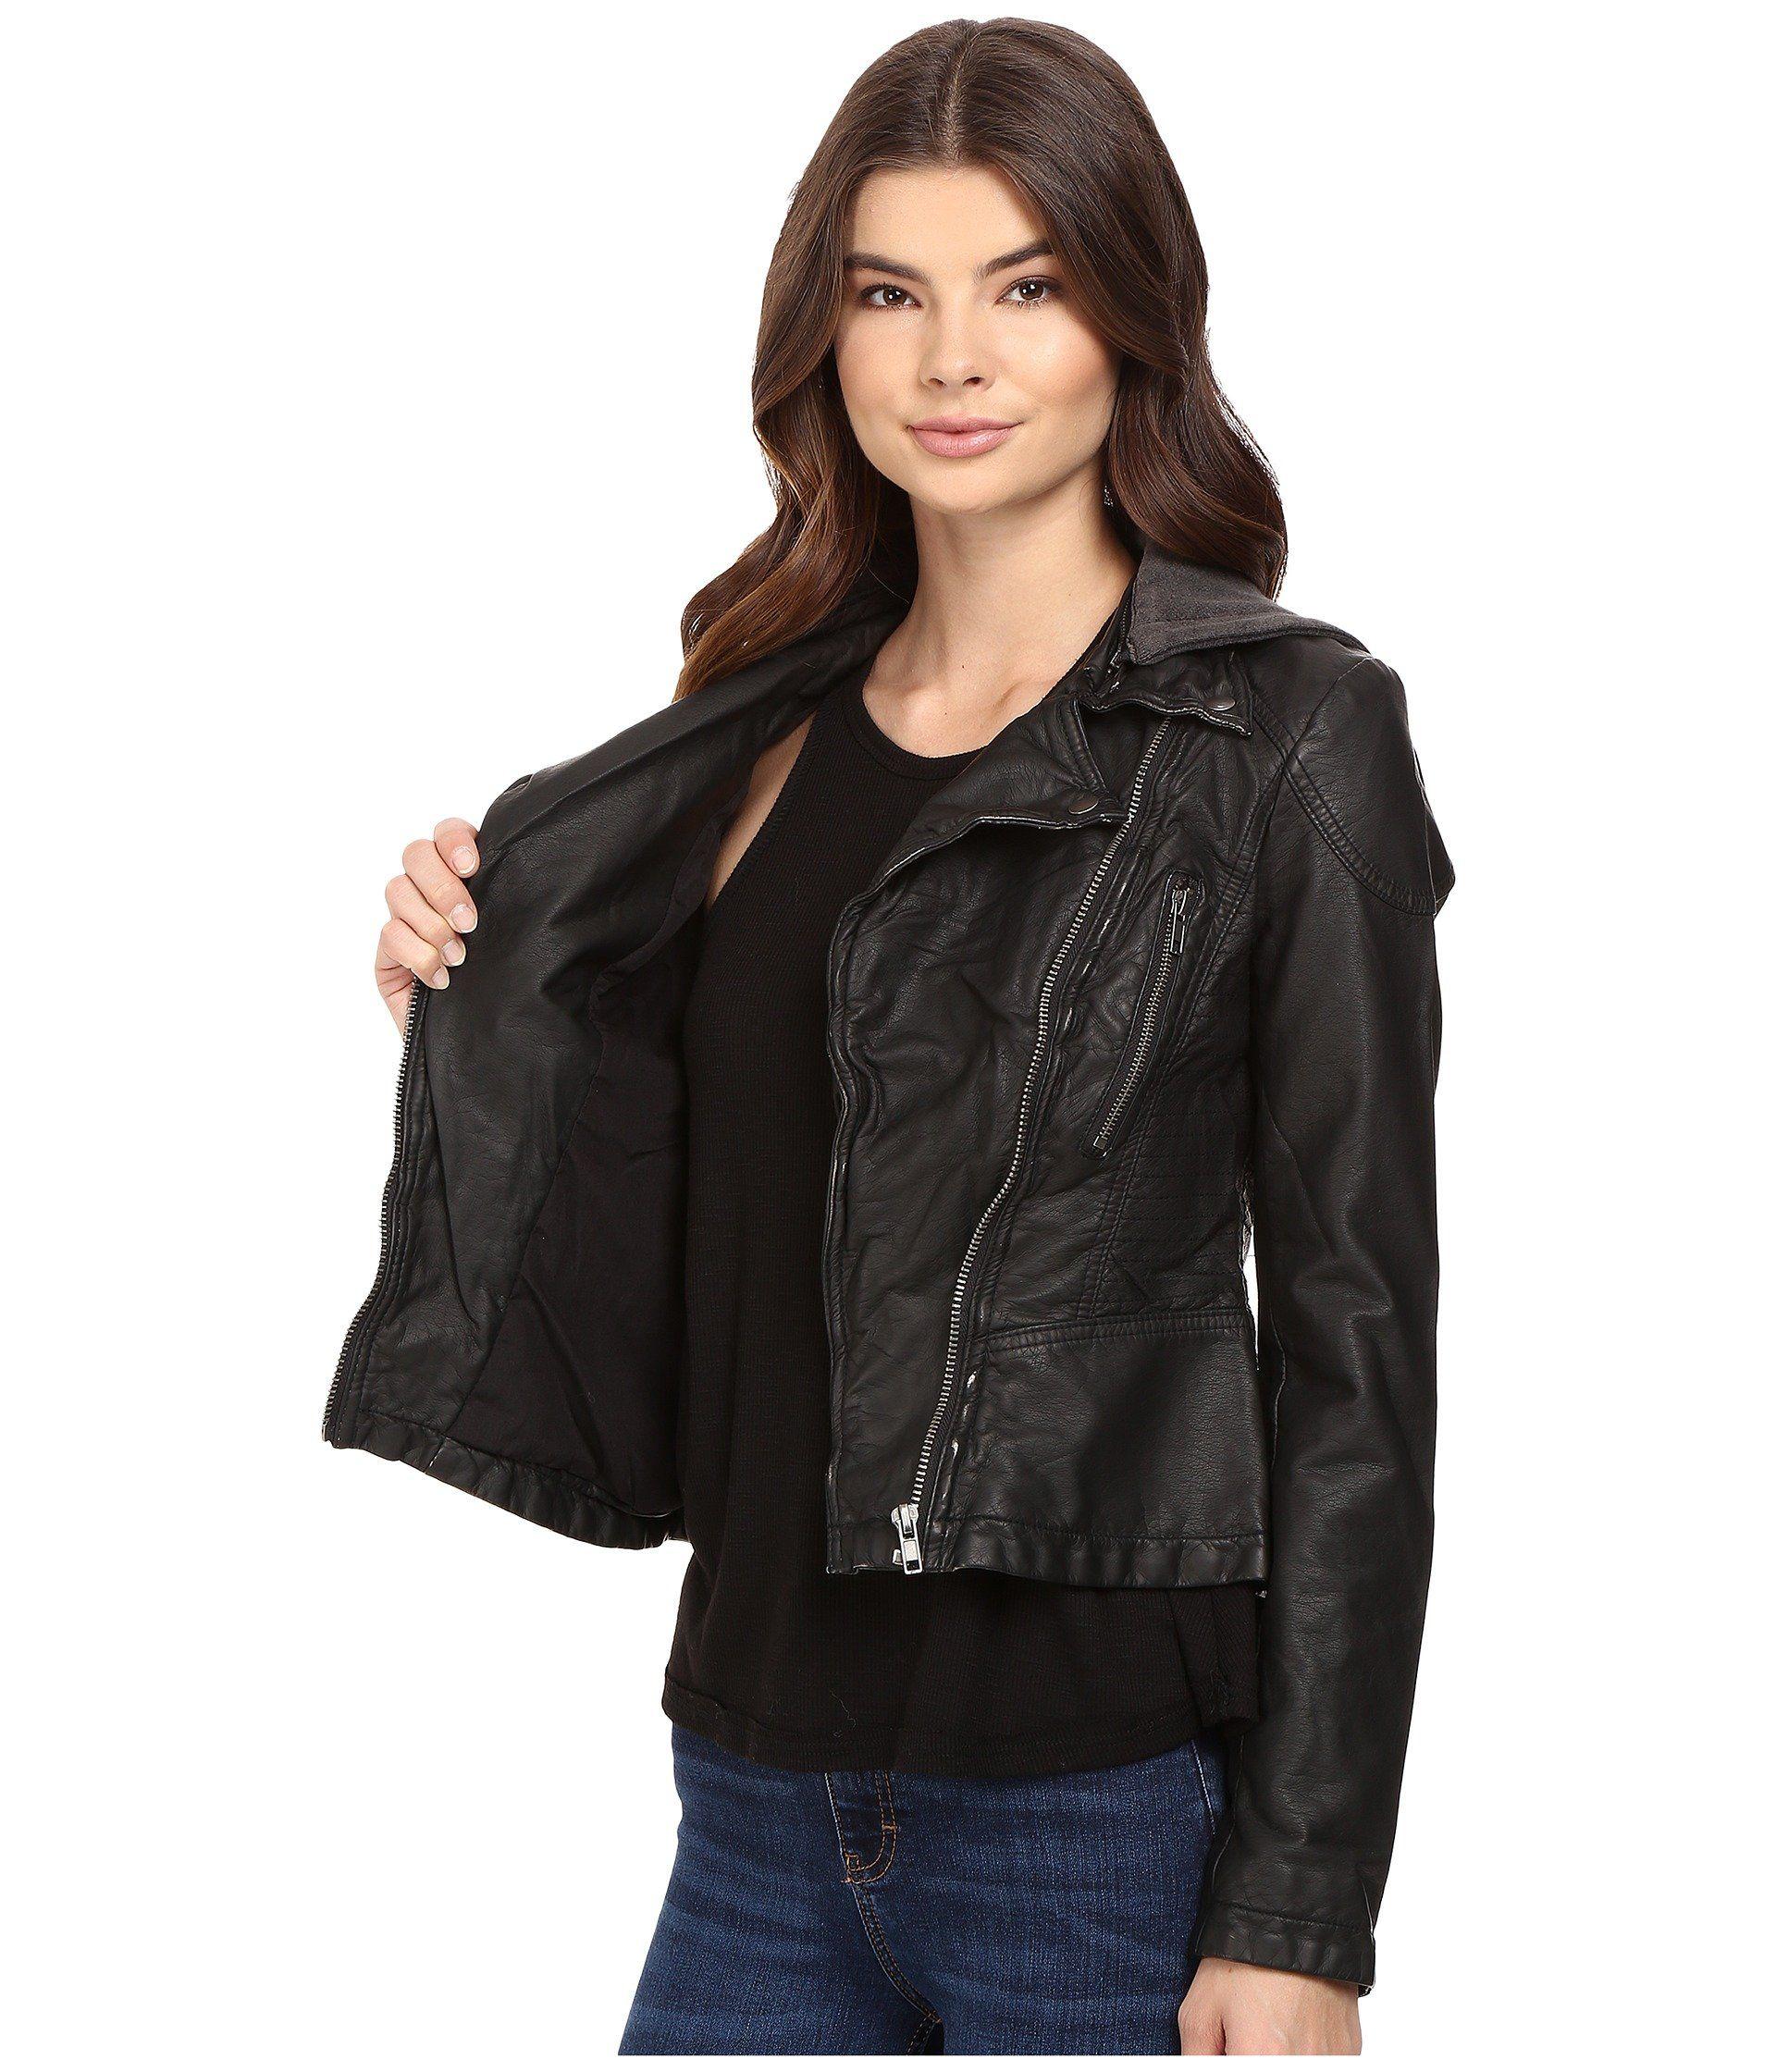 Free People Womens Hooded Vegan Leather Jacket Black 4